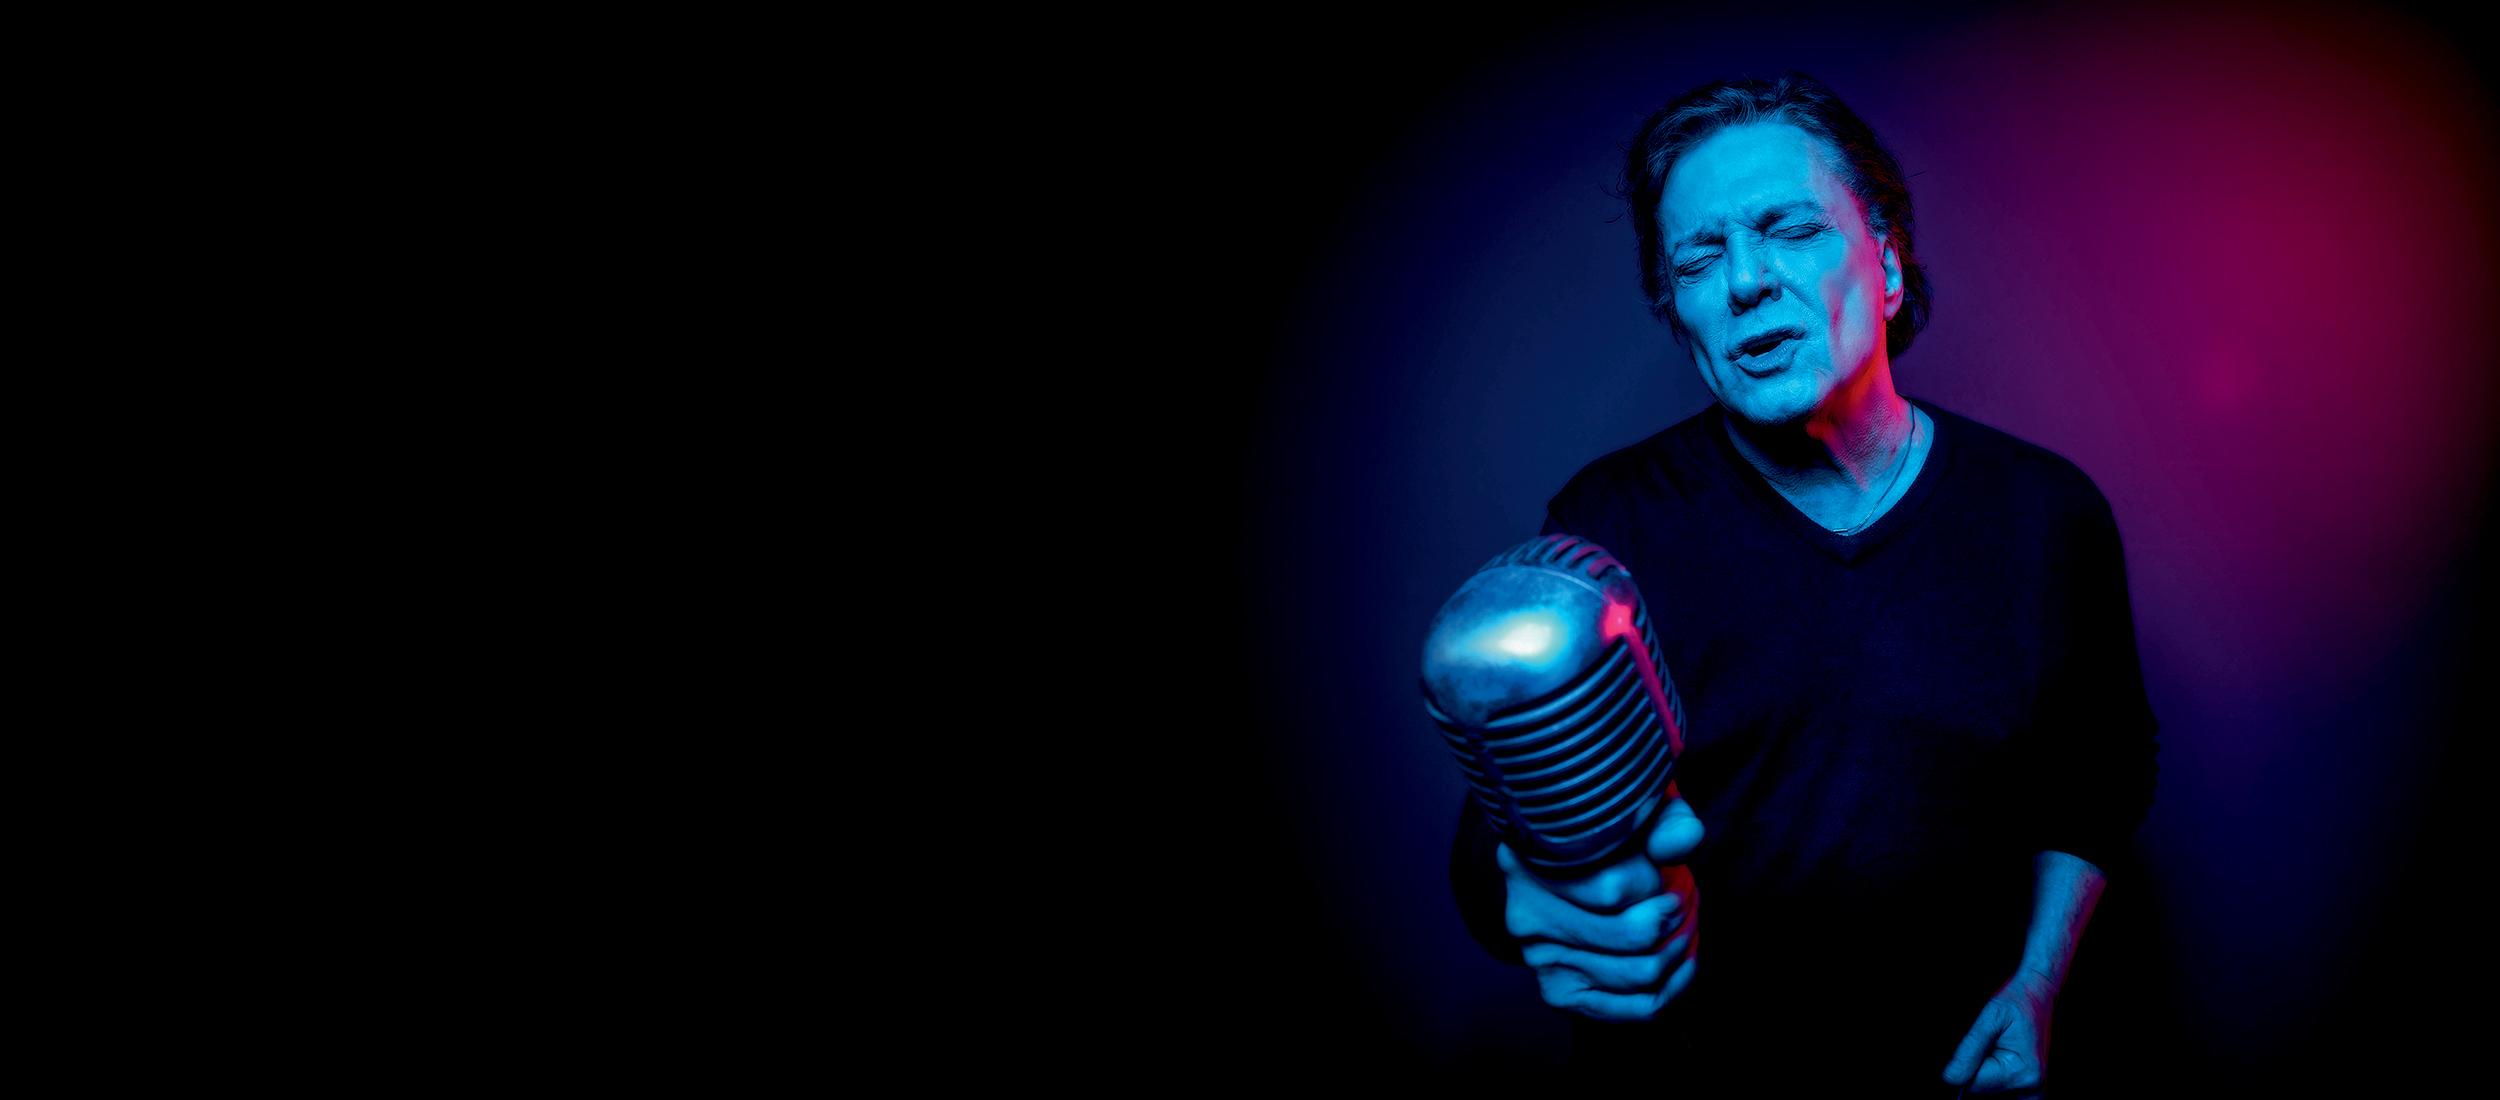 Fabio Jr num fundo escuro e bem azulado, segurando um microfone, de olhos fechados, cantando